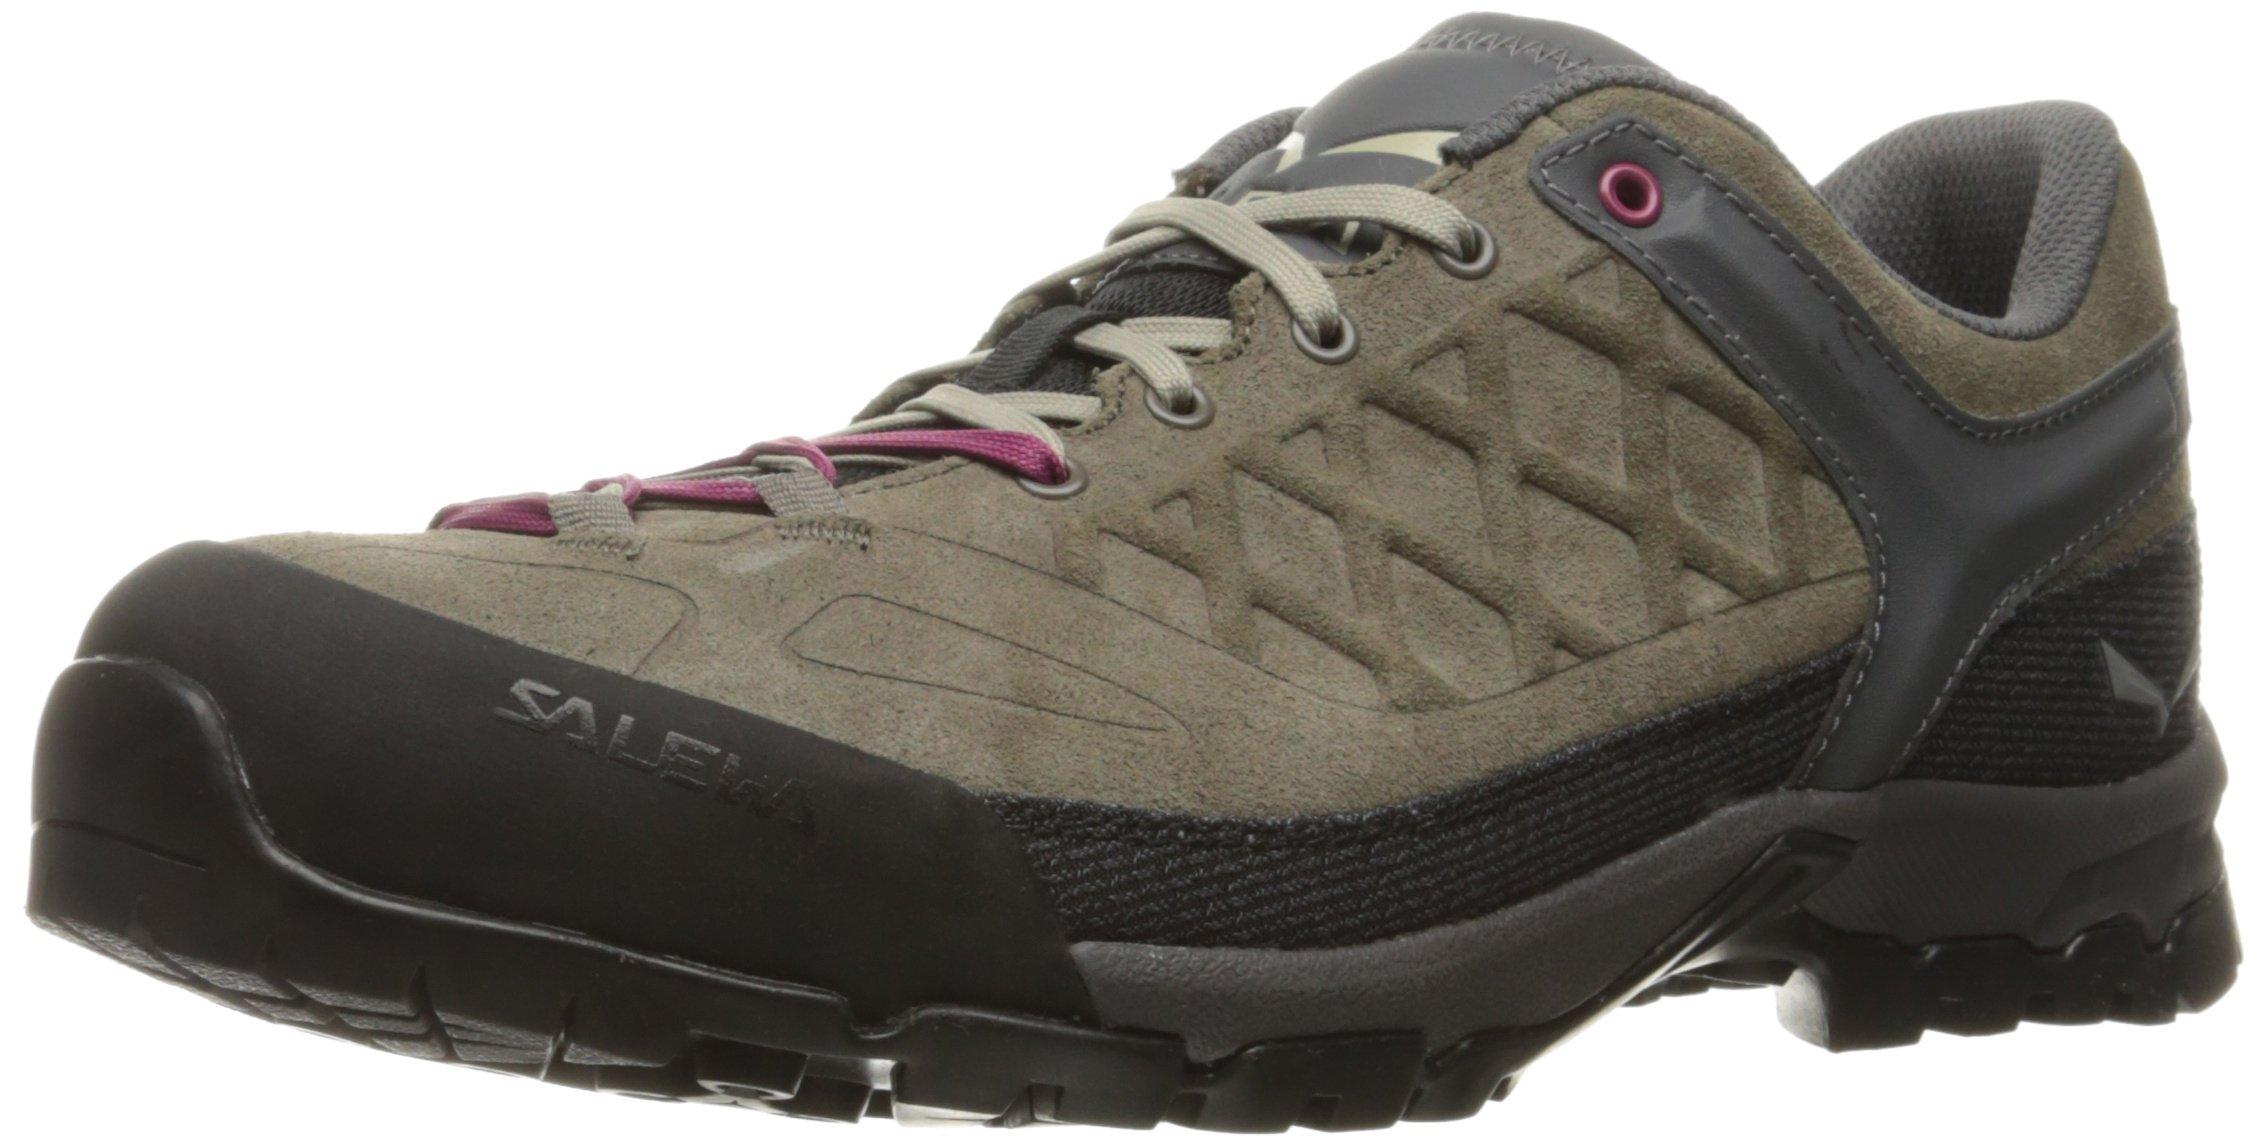 Salewa Women's Trektail Approach Shoe, Falcon/Red Onion, 10